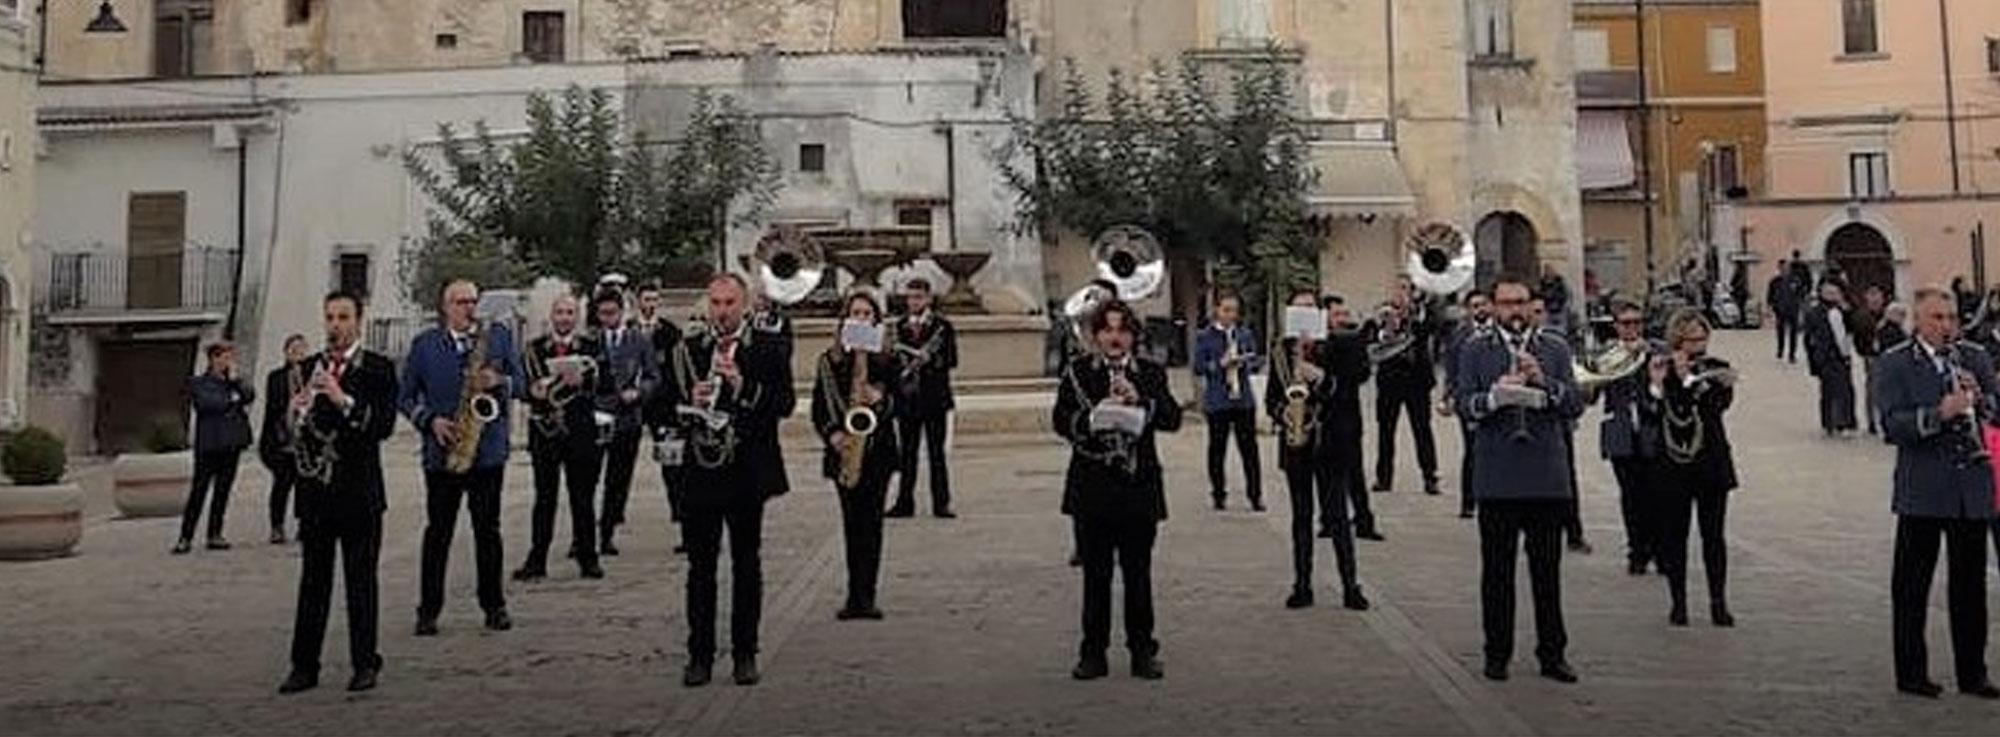 Taranto: Festa di Santa Cecilia